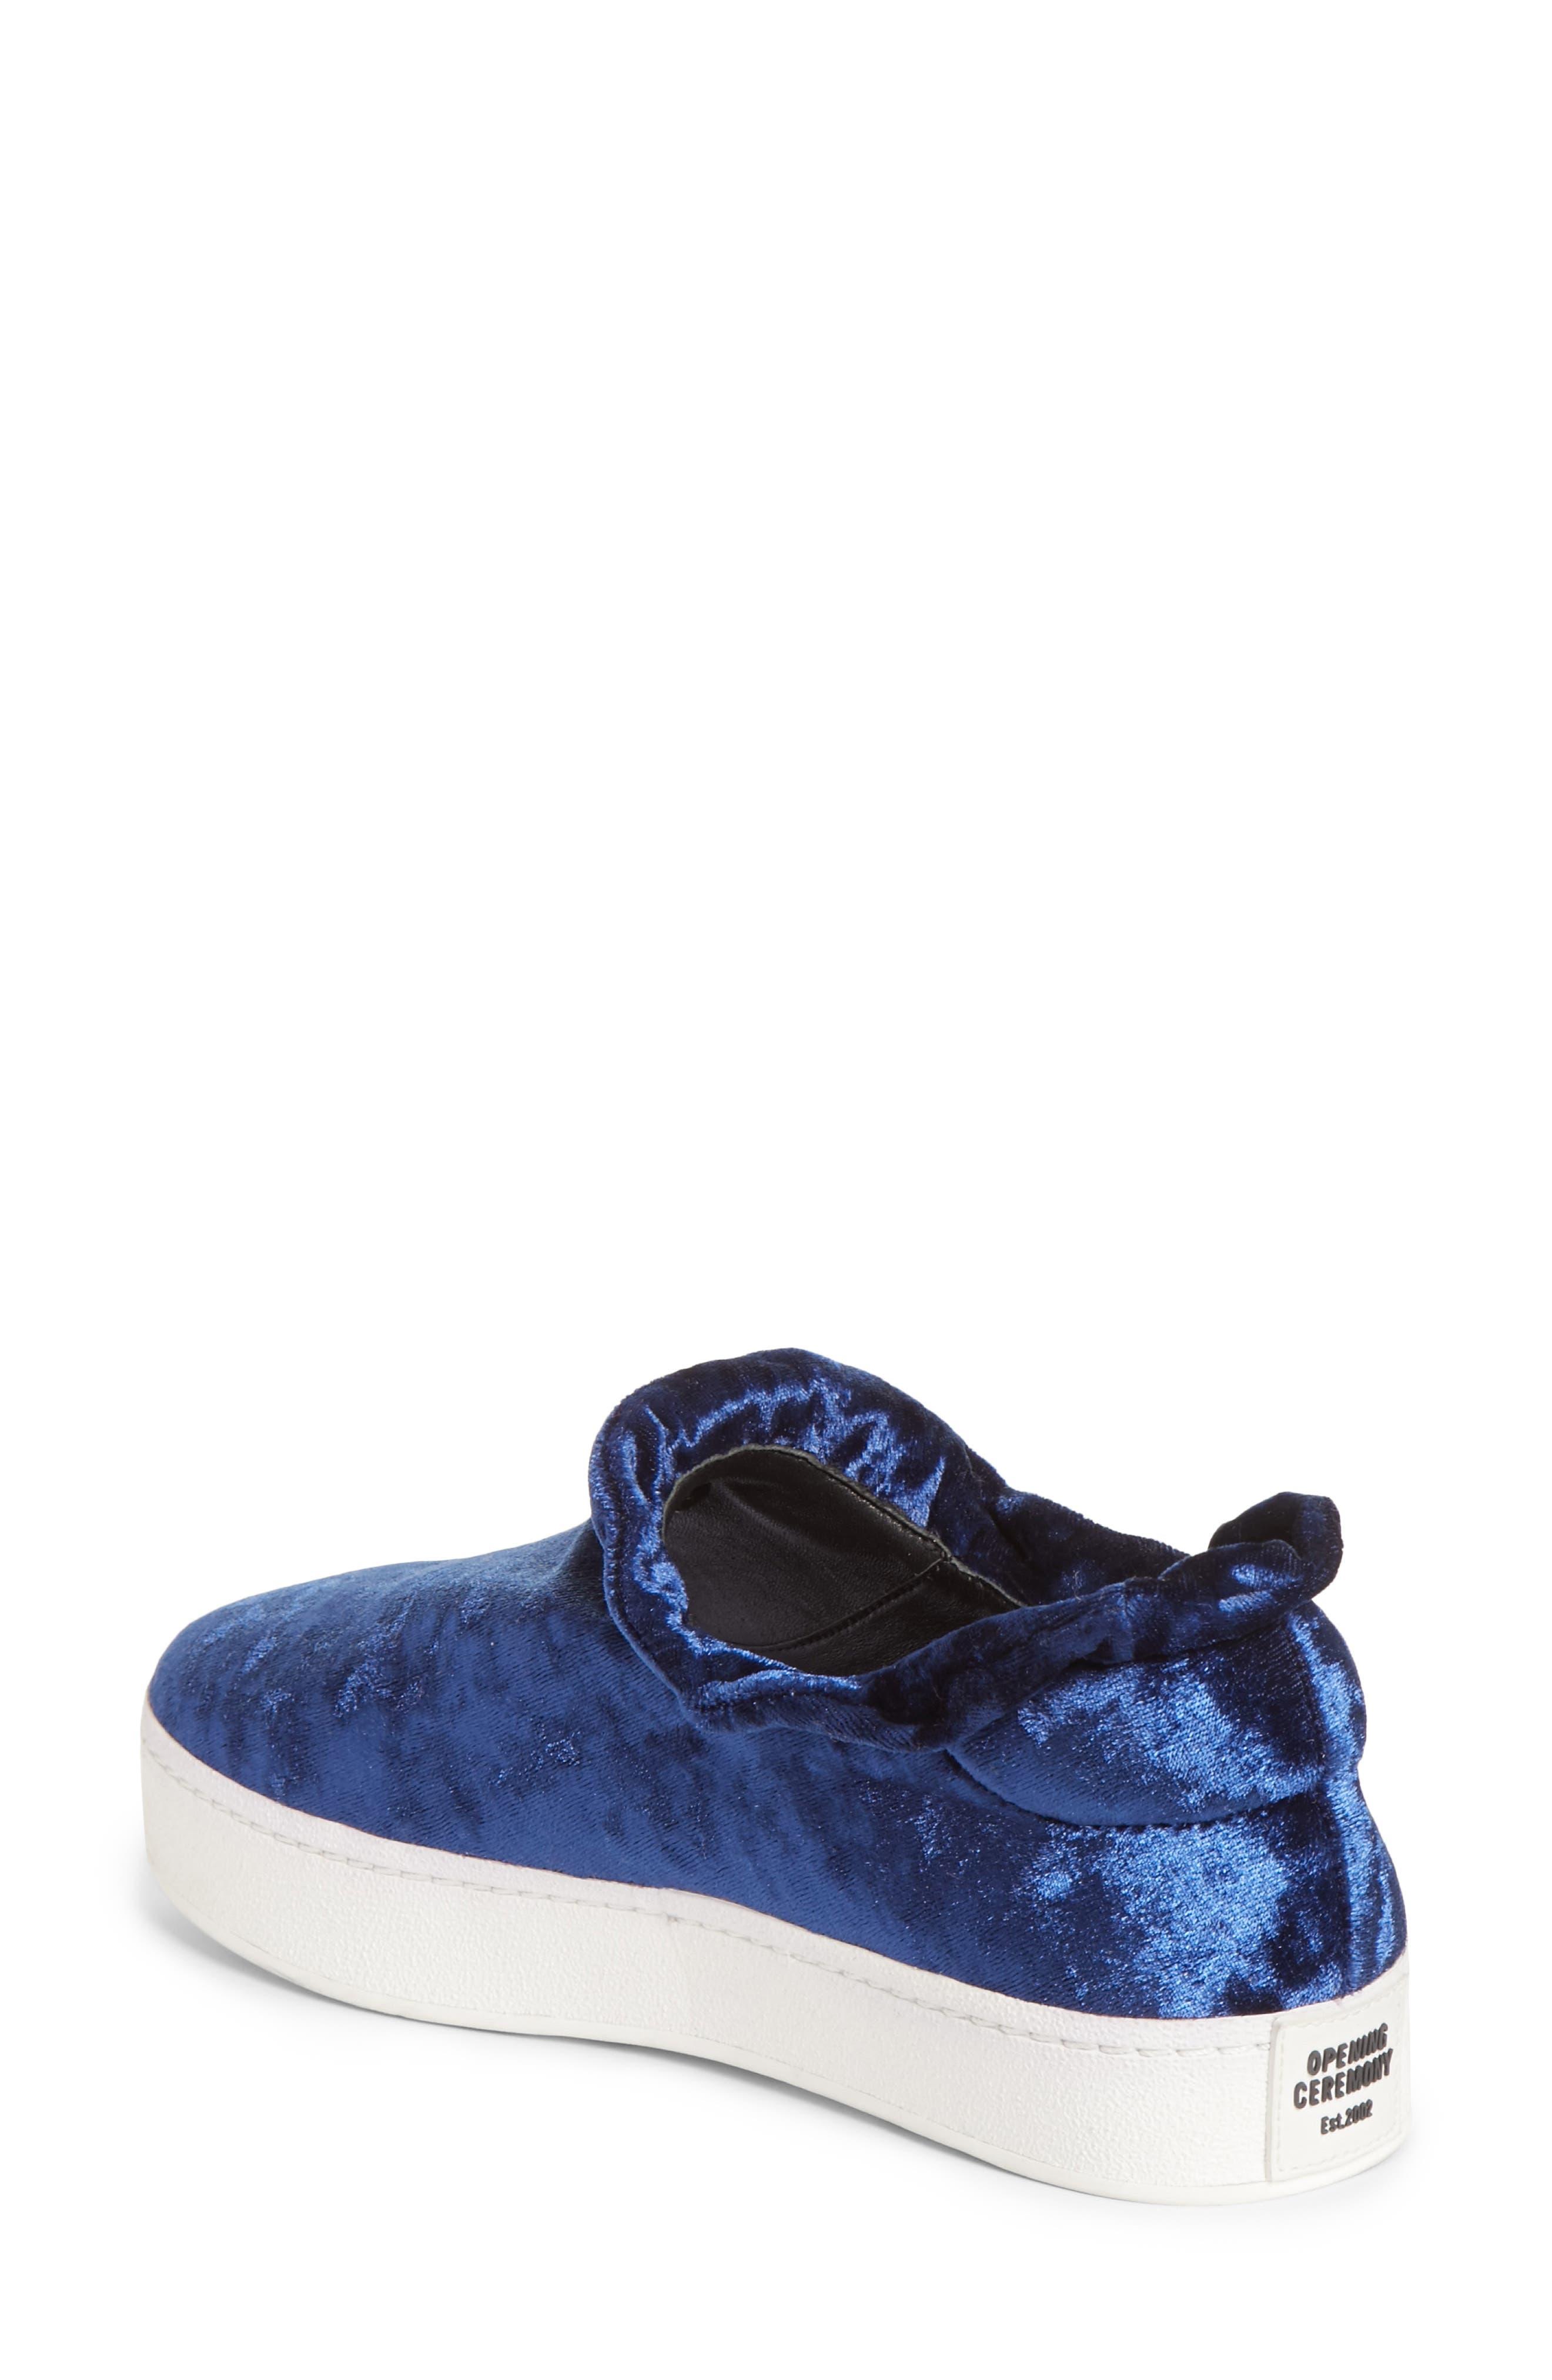 Cici Velvet Ruffle Slip-On Sneaker,                             Alternate thumbnail 2, color,                             Eclipse